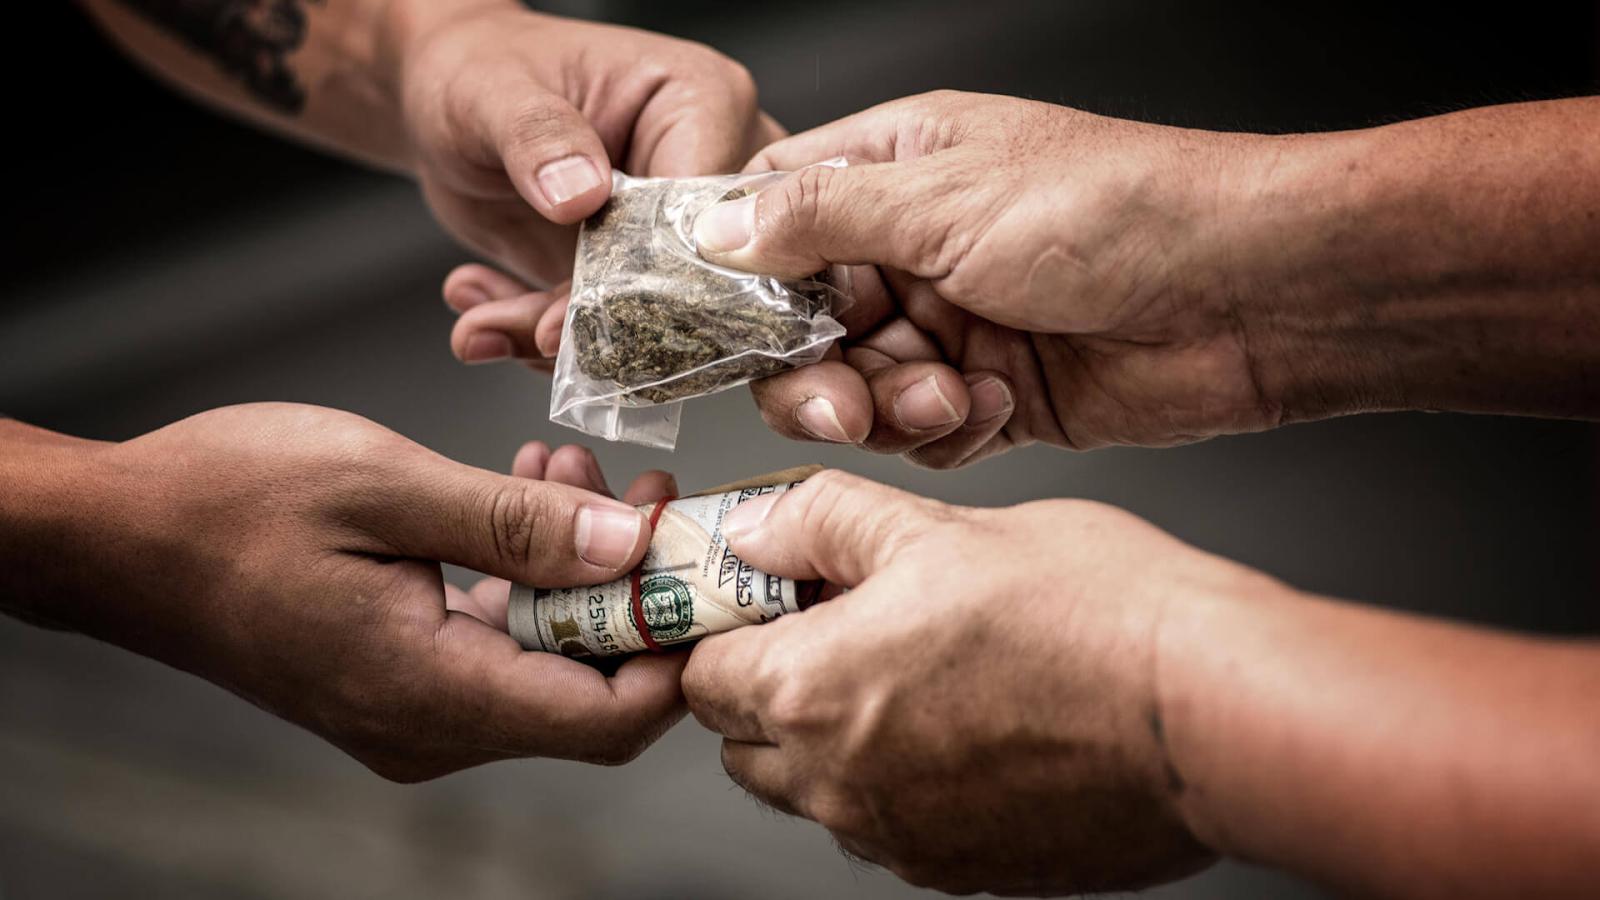 Illegal drug deal